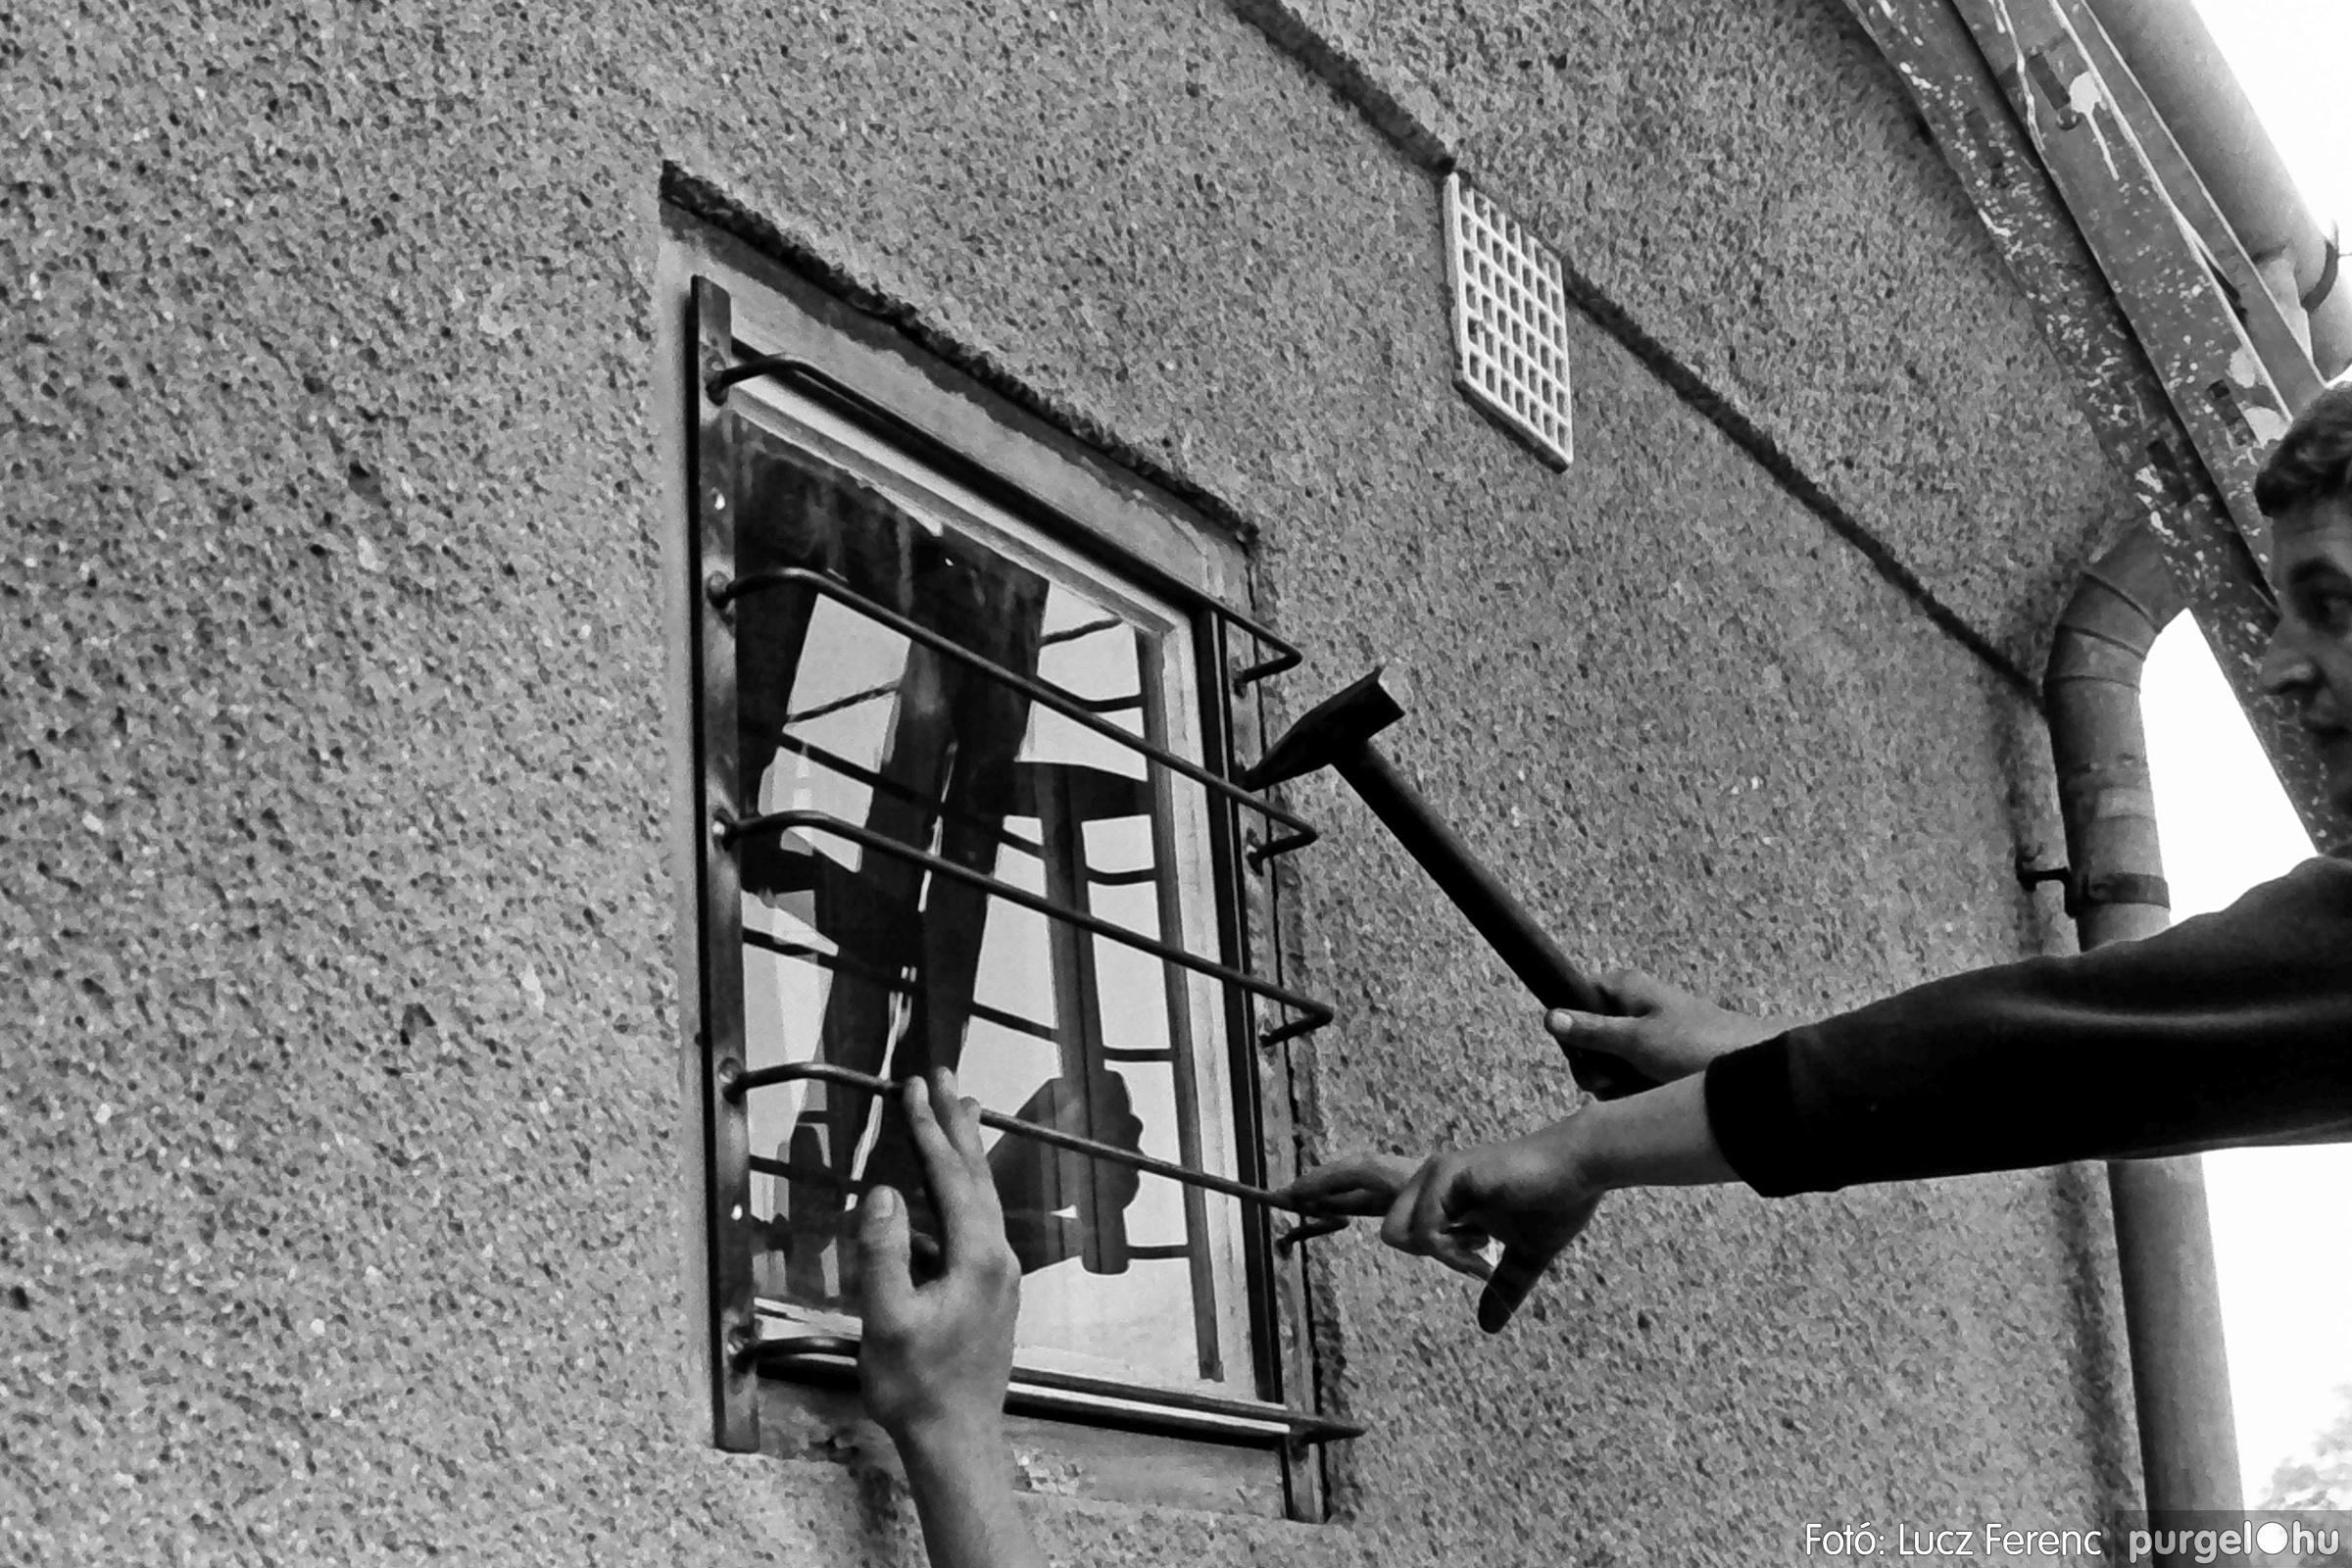 048, 051. 1976. Társadalmi munka 050. - Fotó: Lucz Ferenc.jpg